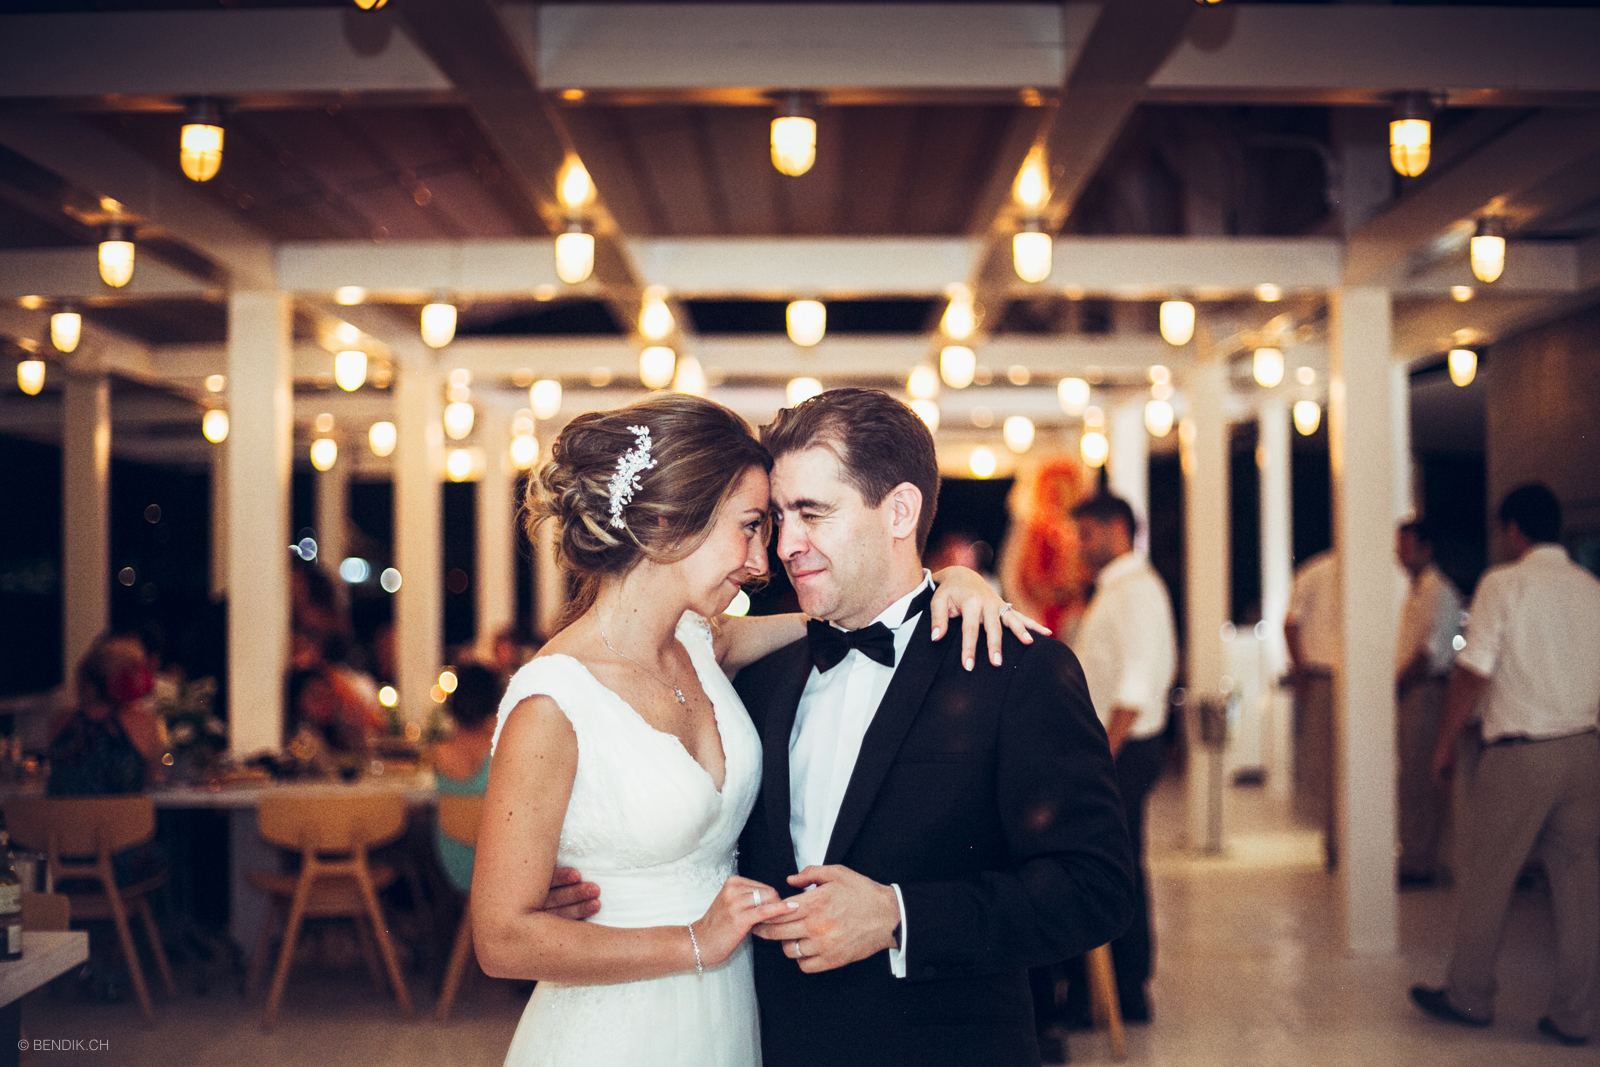 wedding_photoshoot_pinar_tolga20150913_074